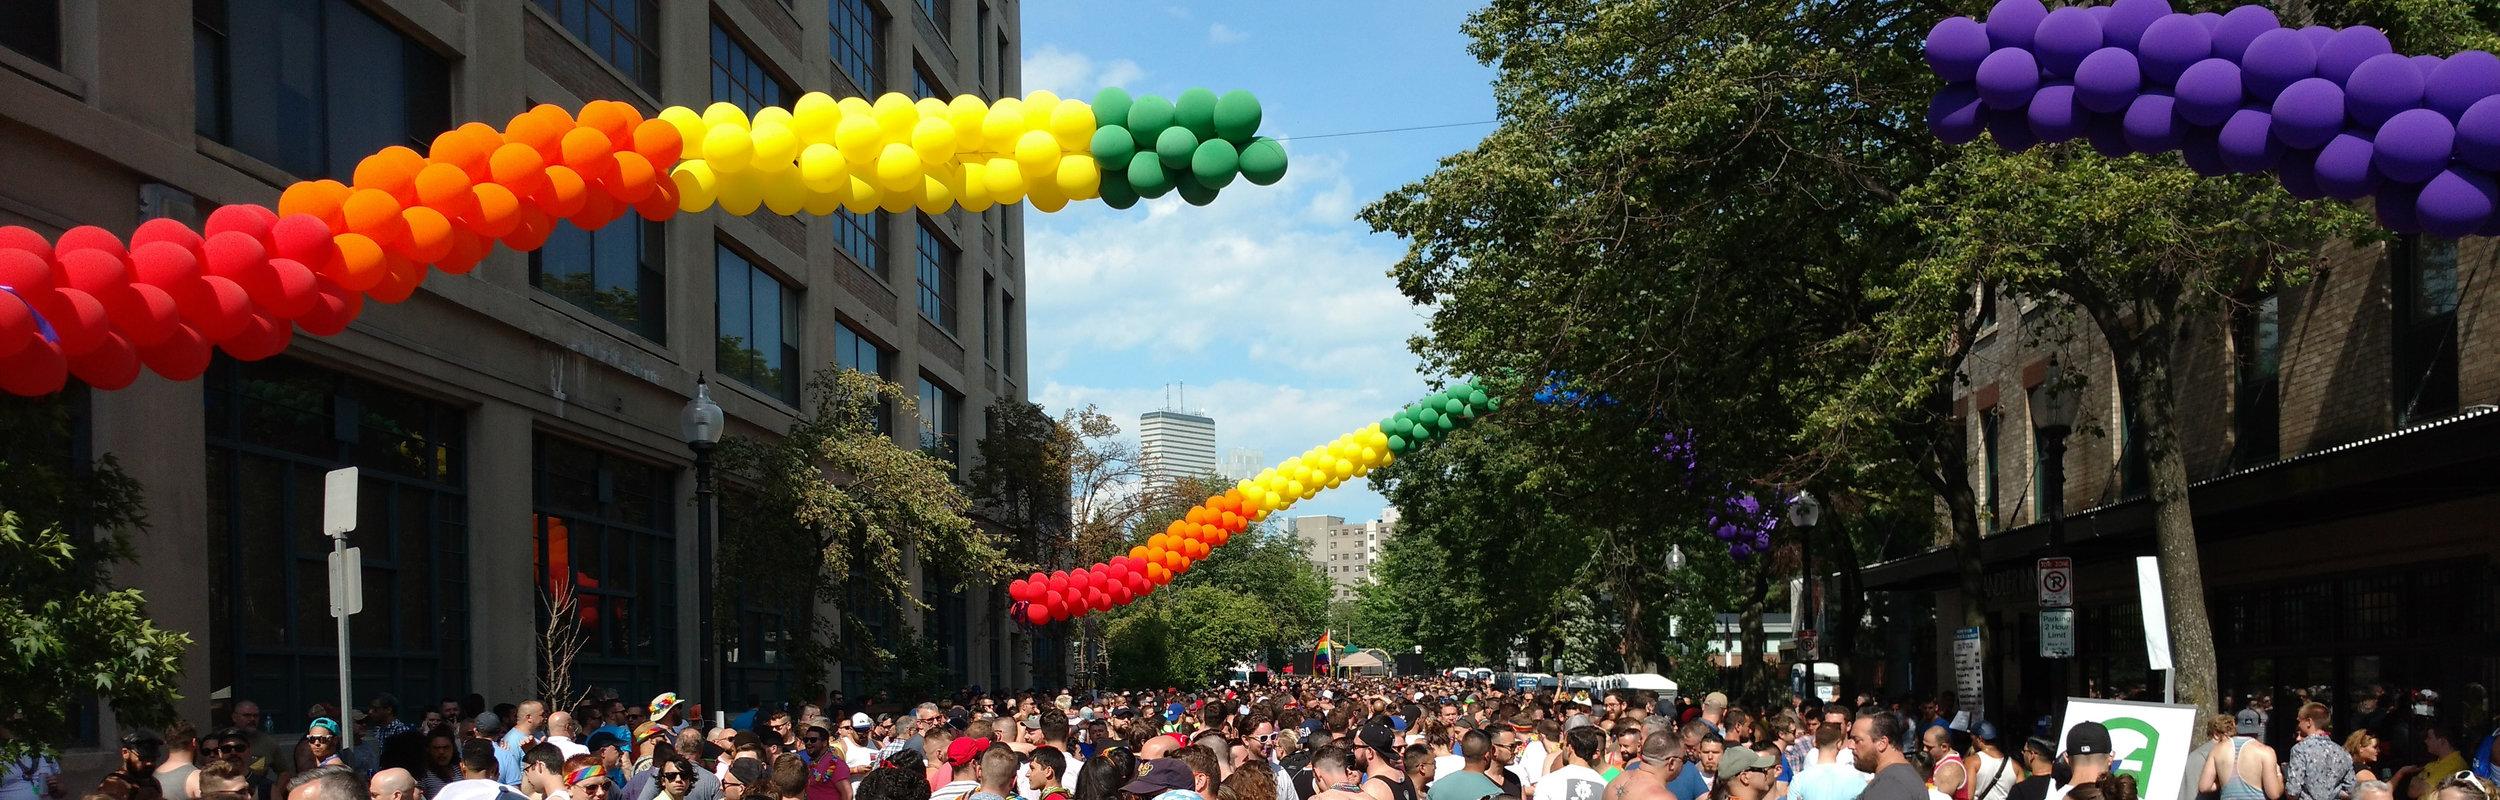 Boston_Pride_Parade.jpg